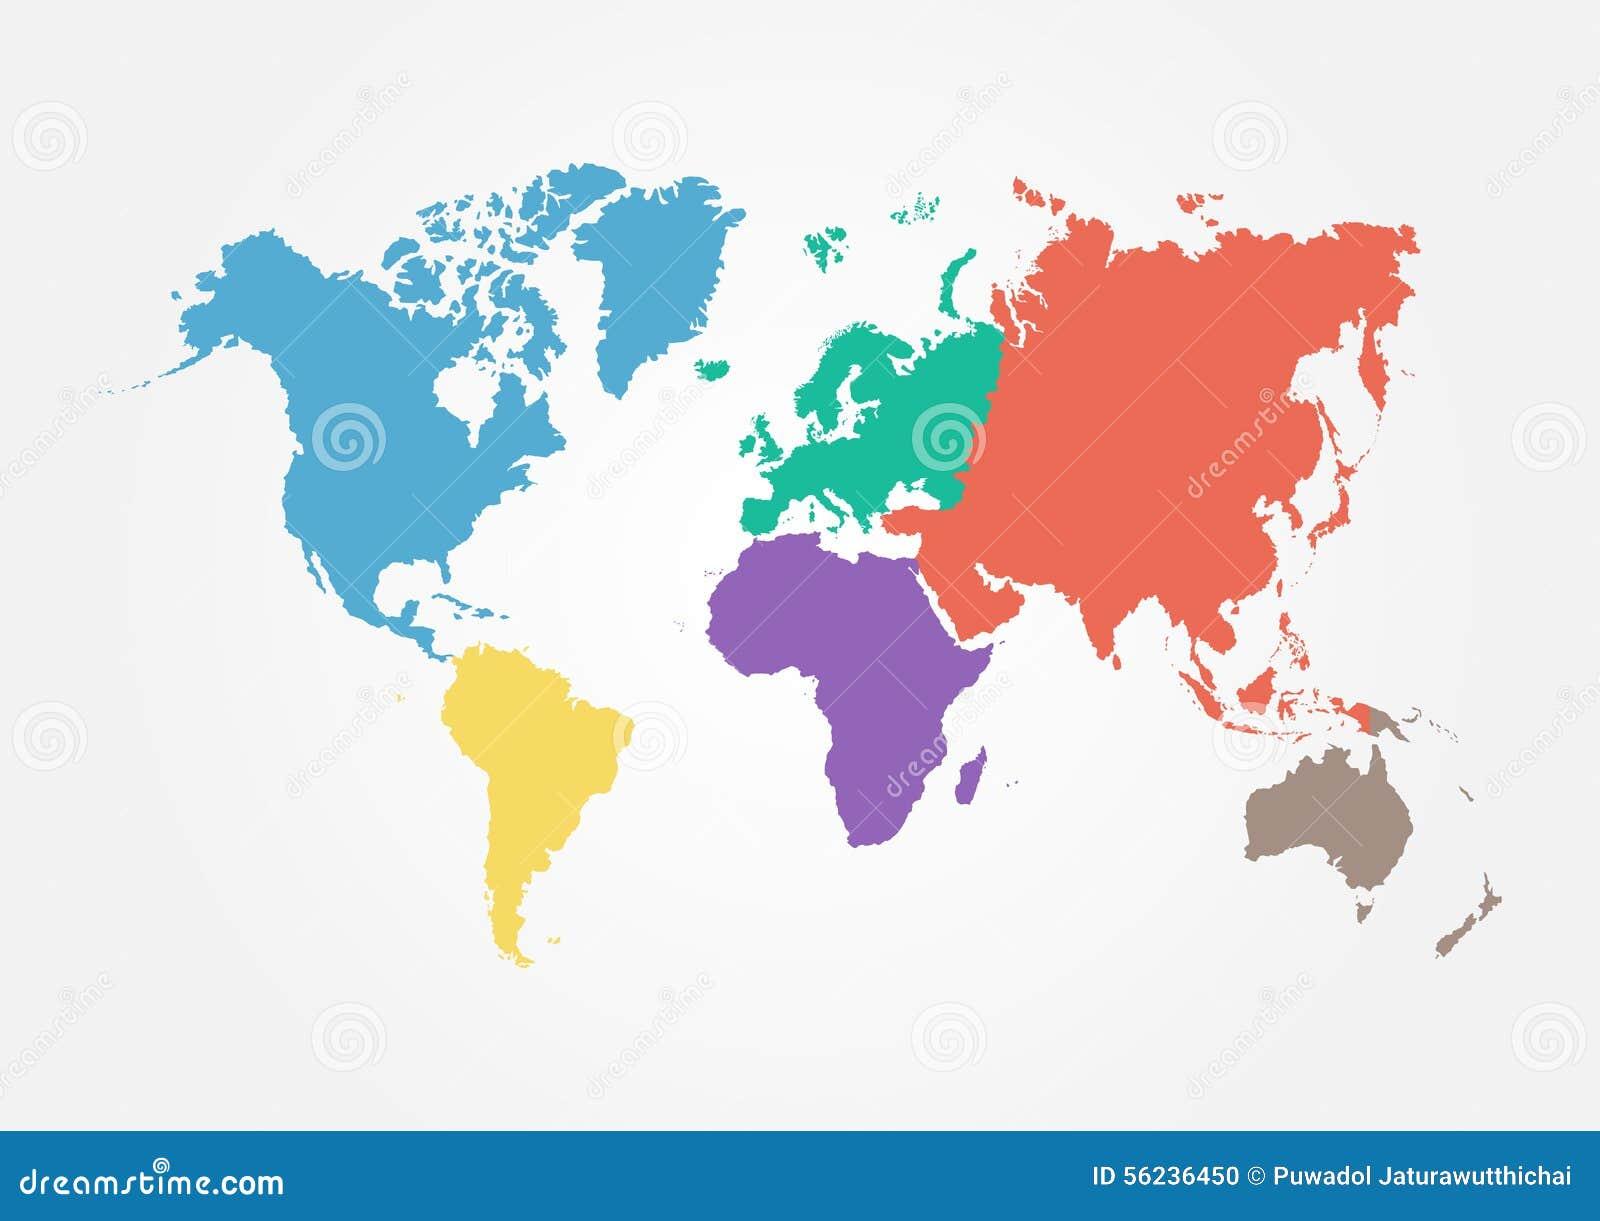 Map Pin In A Map Free Vector Instantshift Beautiful Free: Vector Weltkarte Mit Kontinent In Der Unterschiedlichen